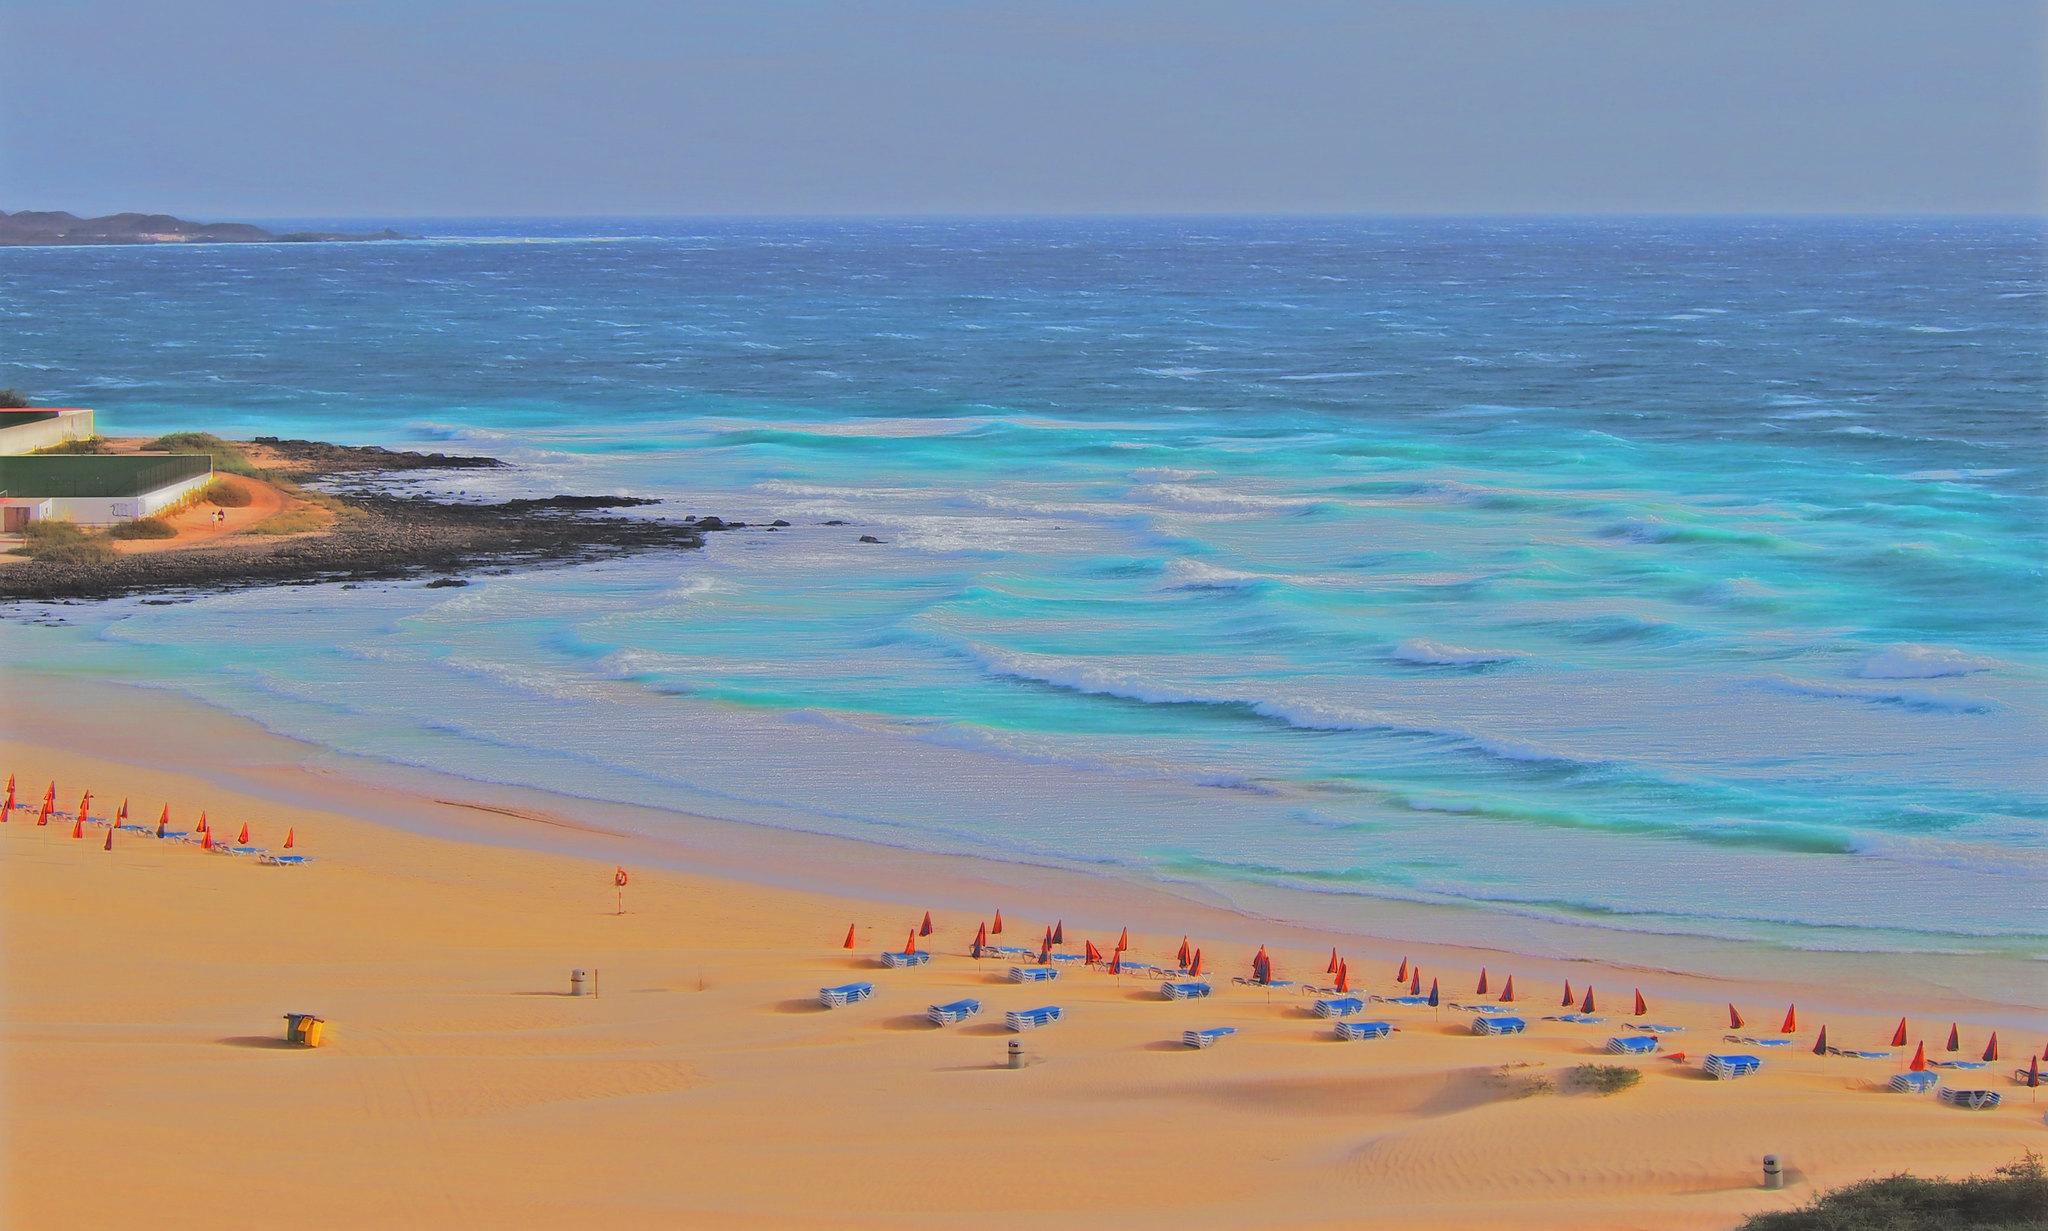 Fuerteventura, Canary Islands - The Best Budget Beach Destinations